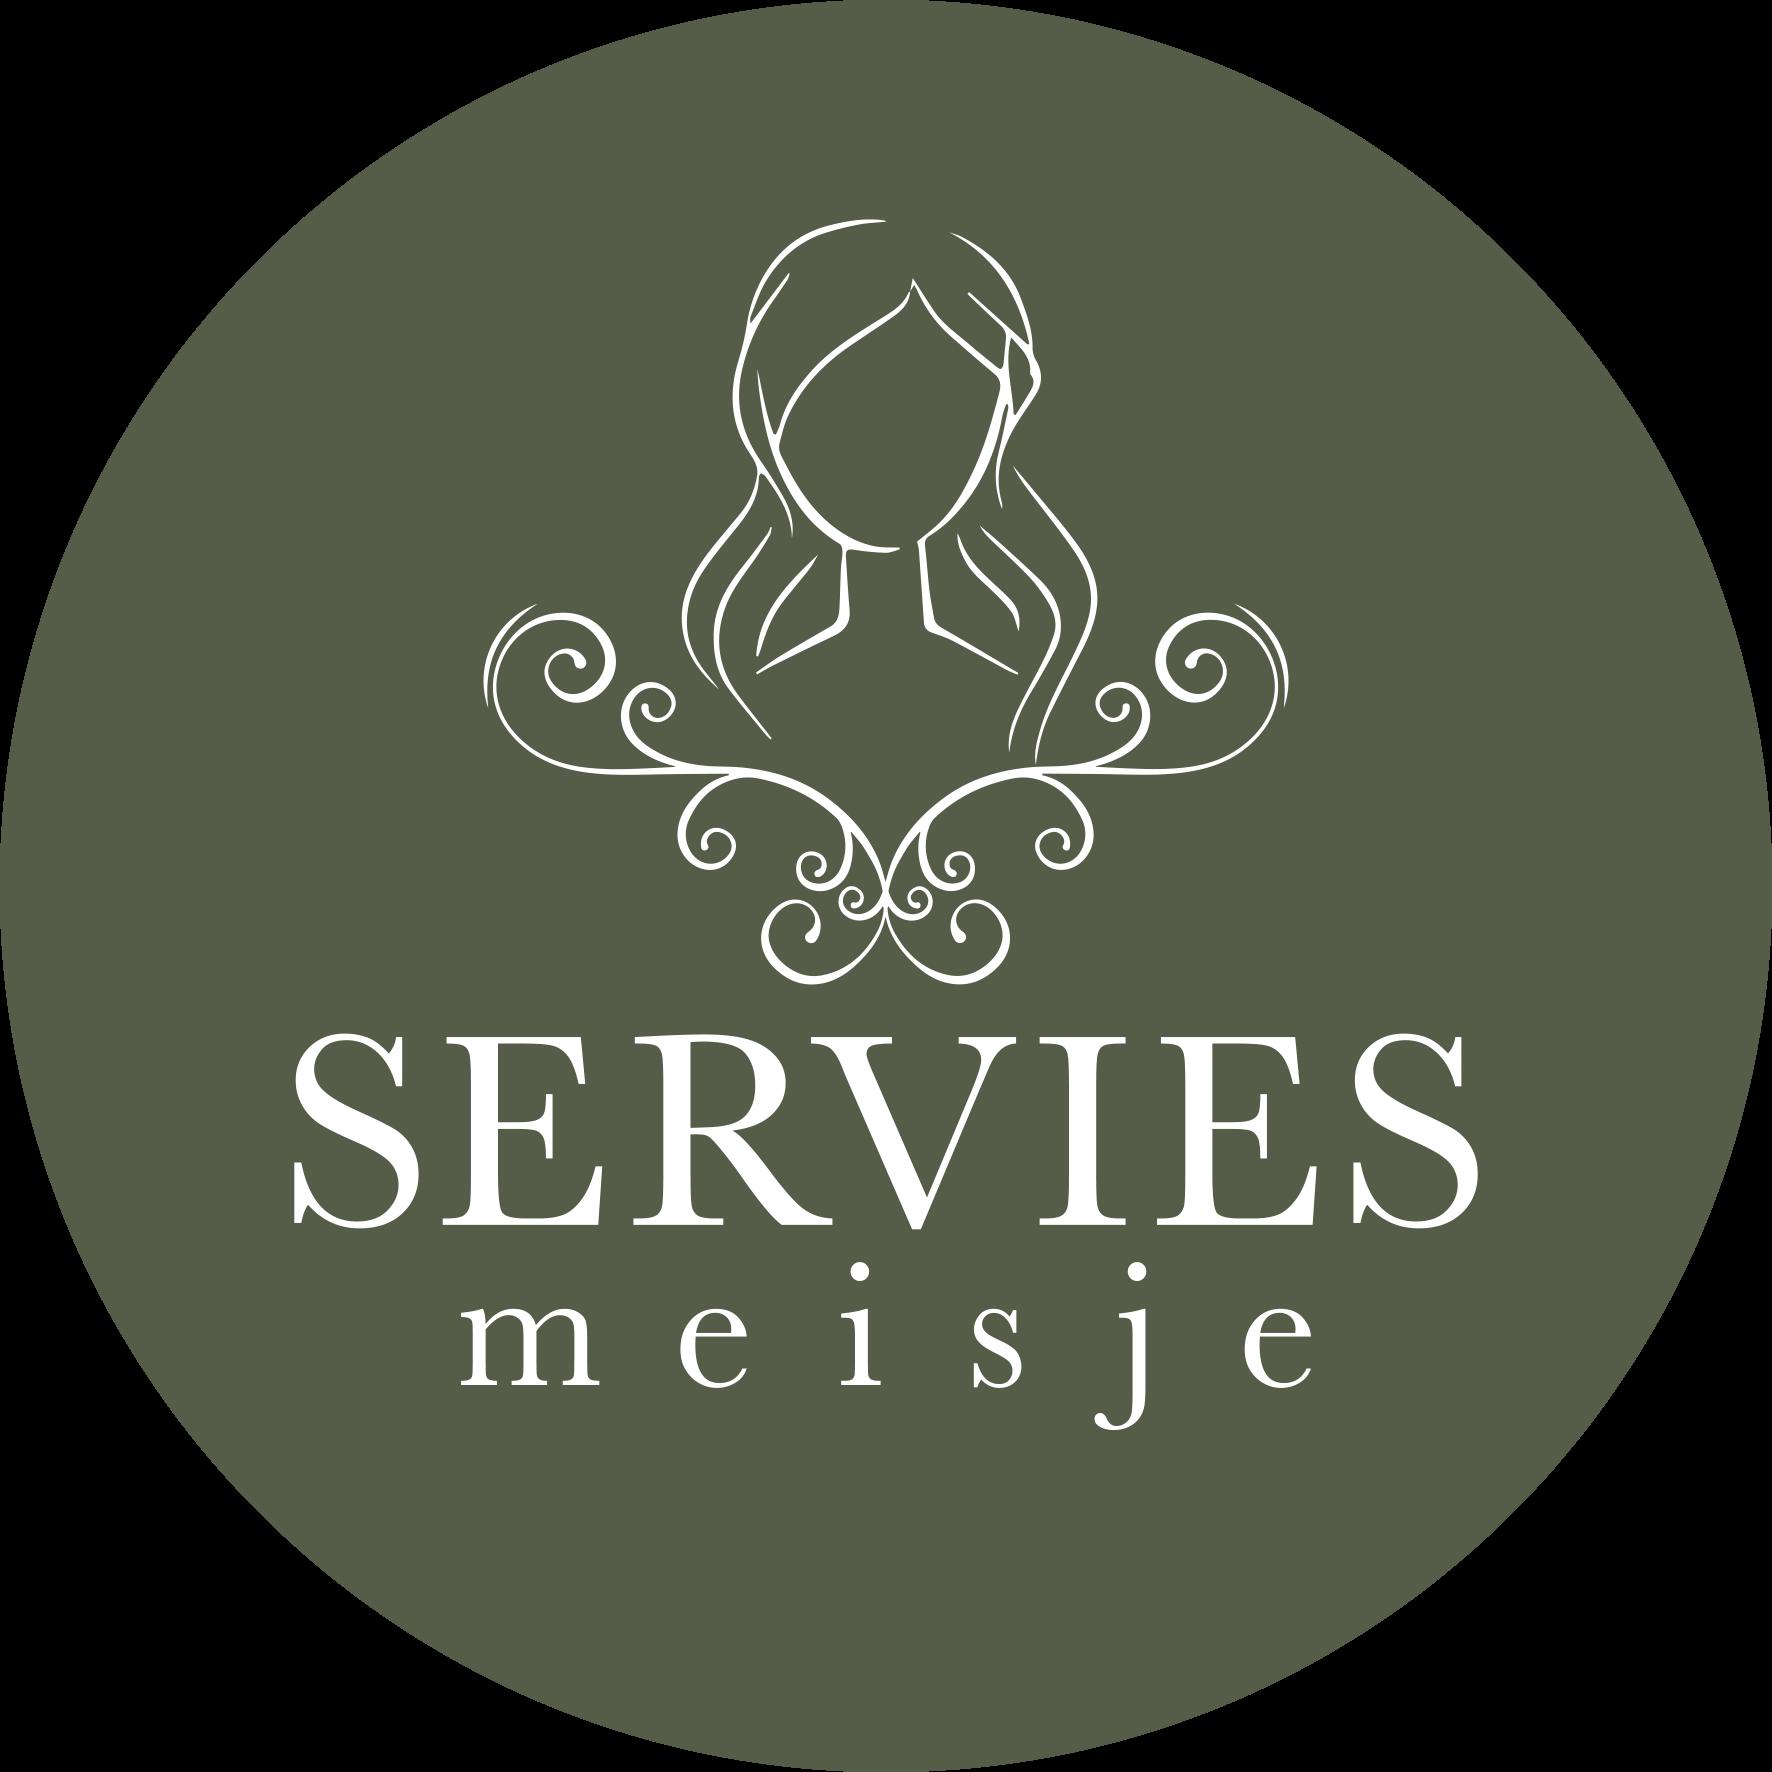 Logo Servies Meisje Cirkel